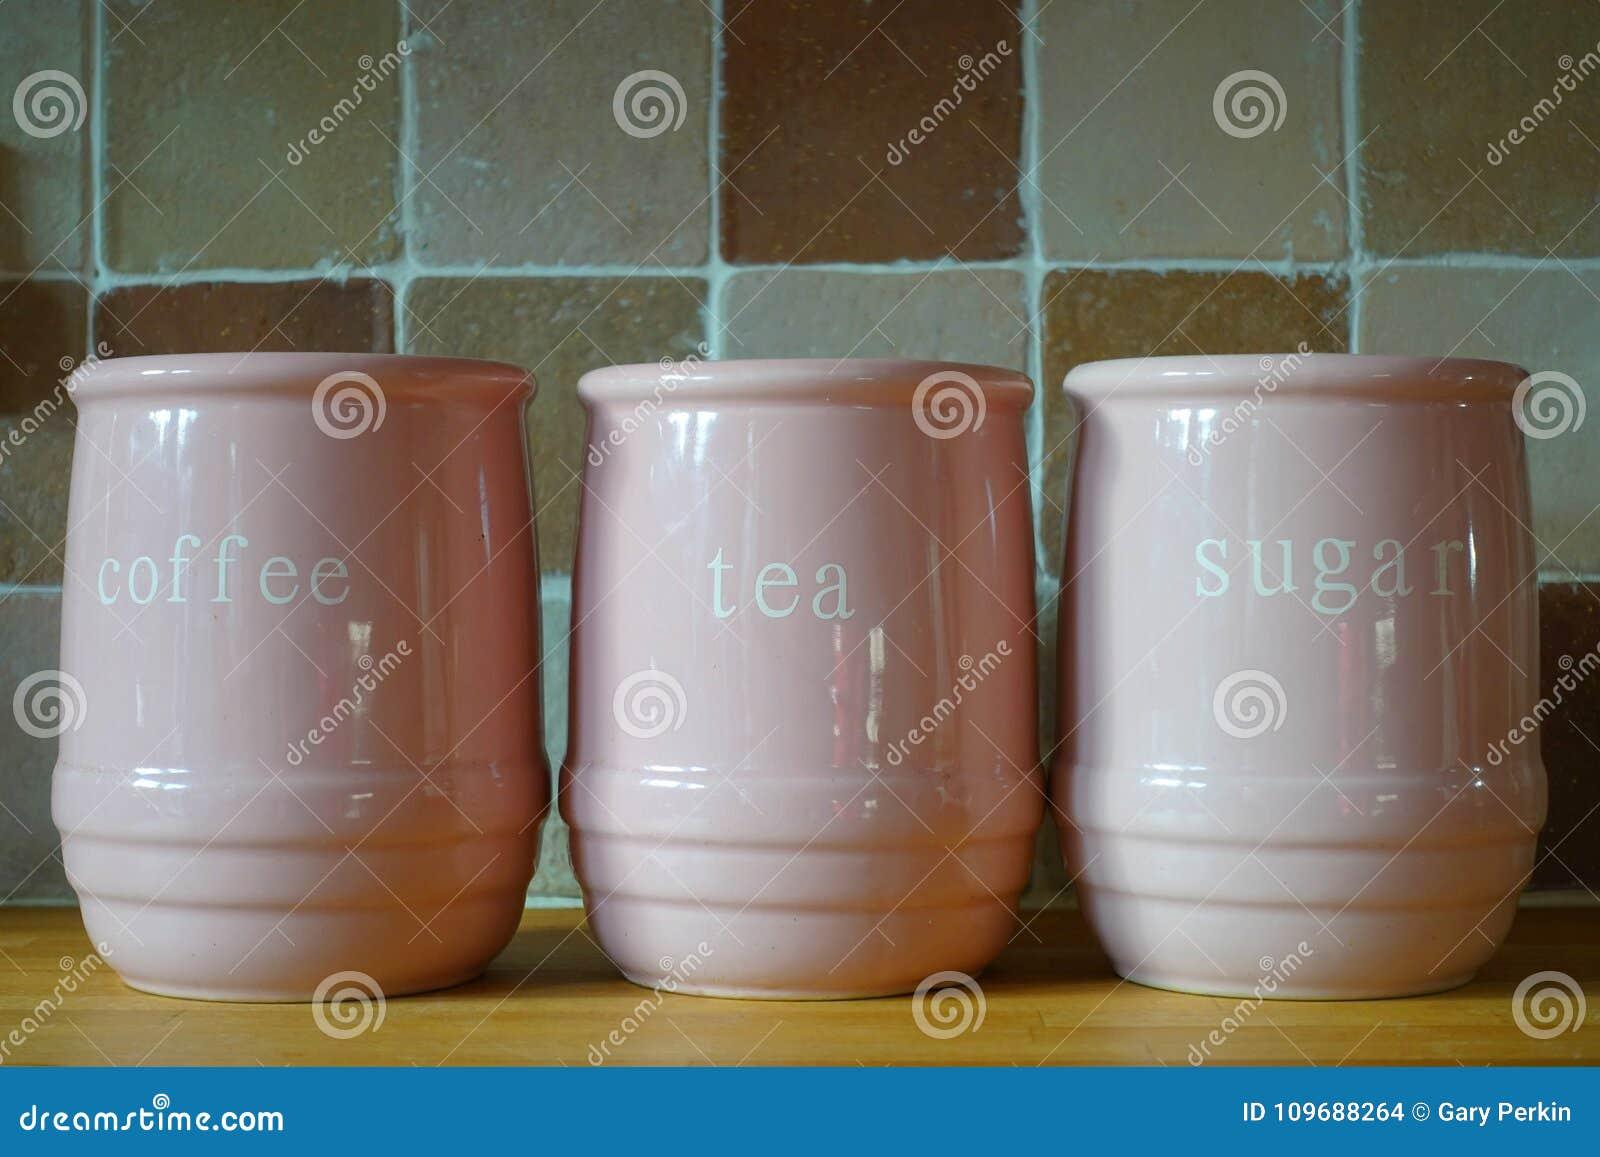 3 розовых кувшина на деревянной рабочей поверхности кухни, с словами